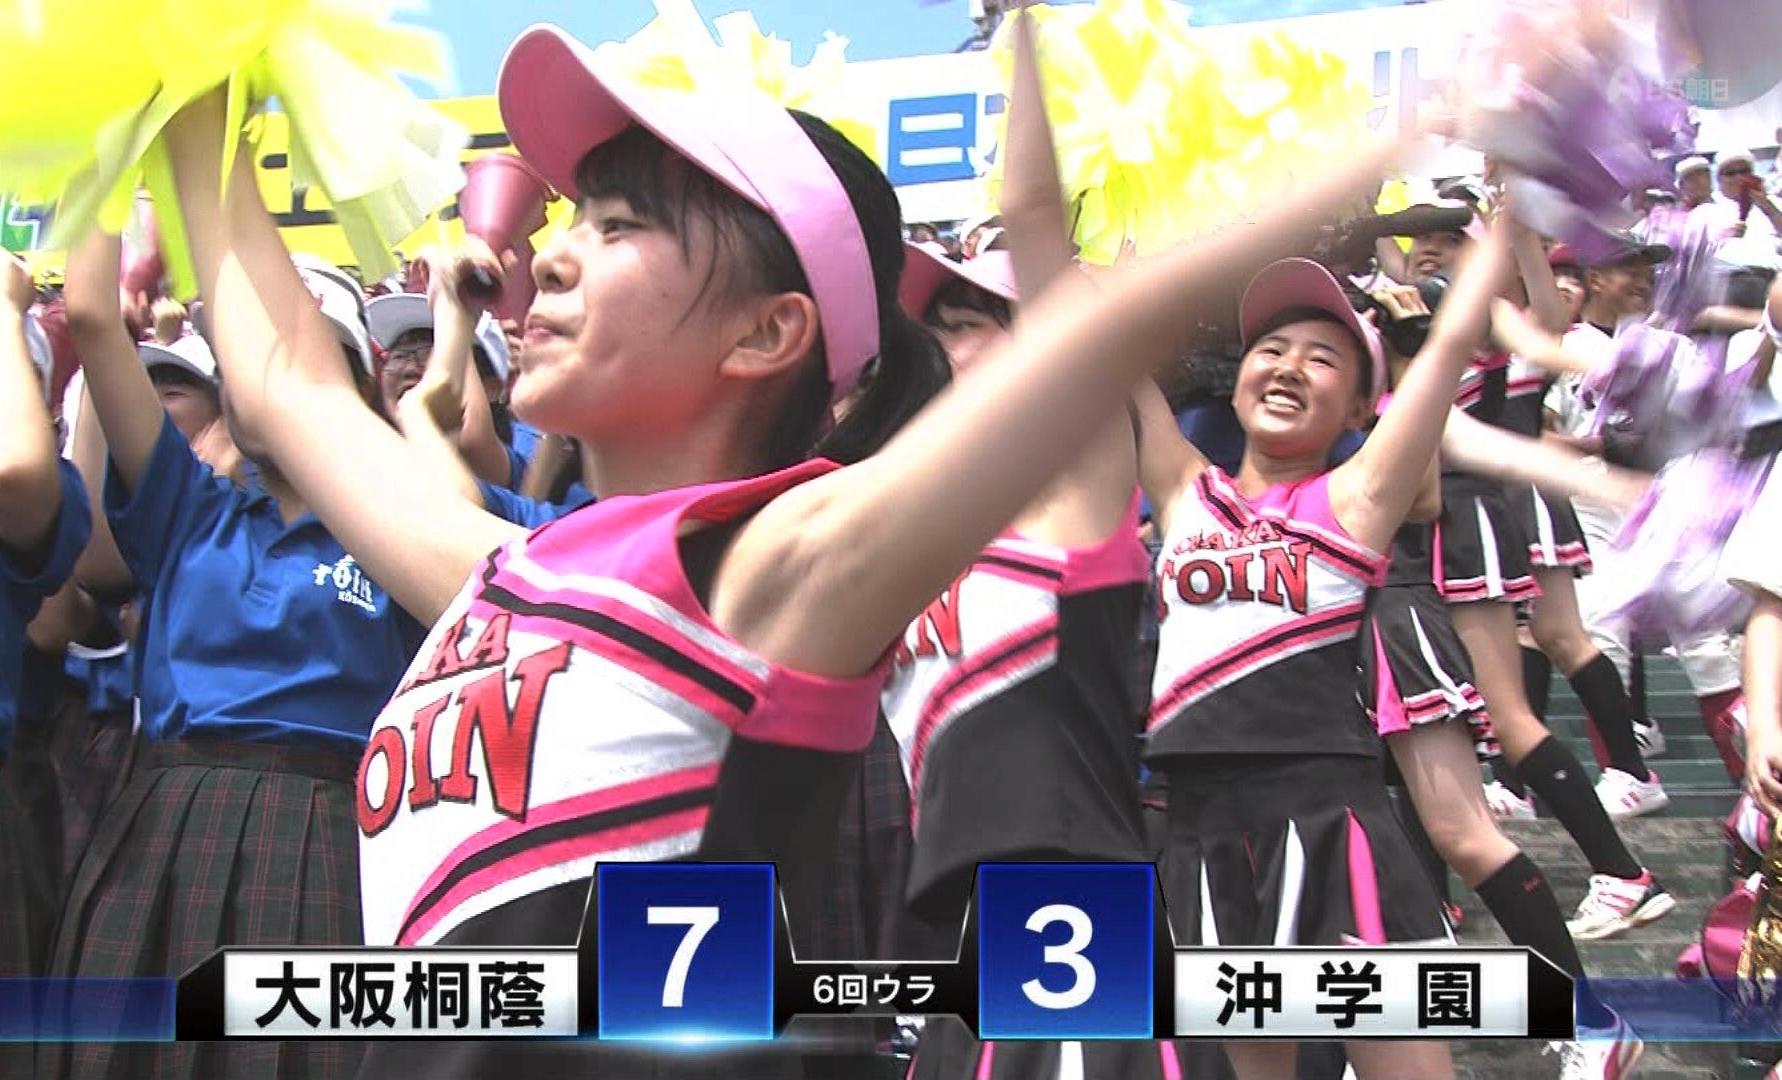 甲子園JKチア腋まとめ2018 (27)